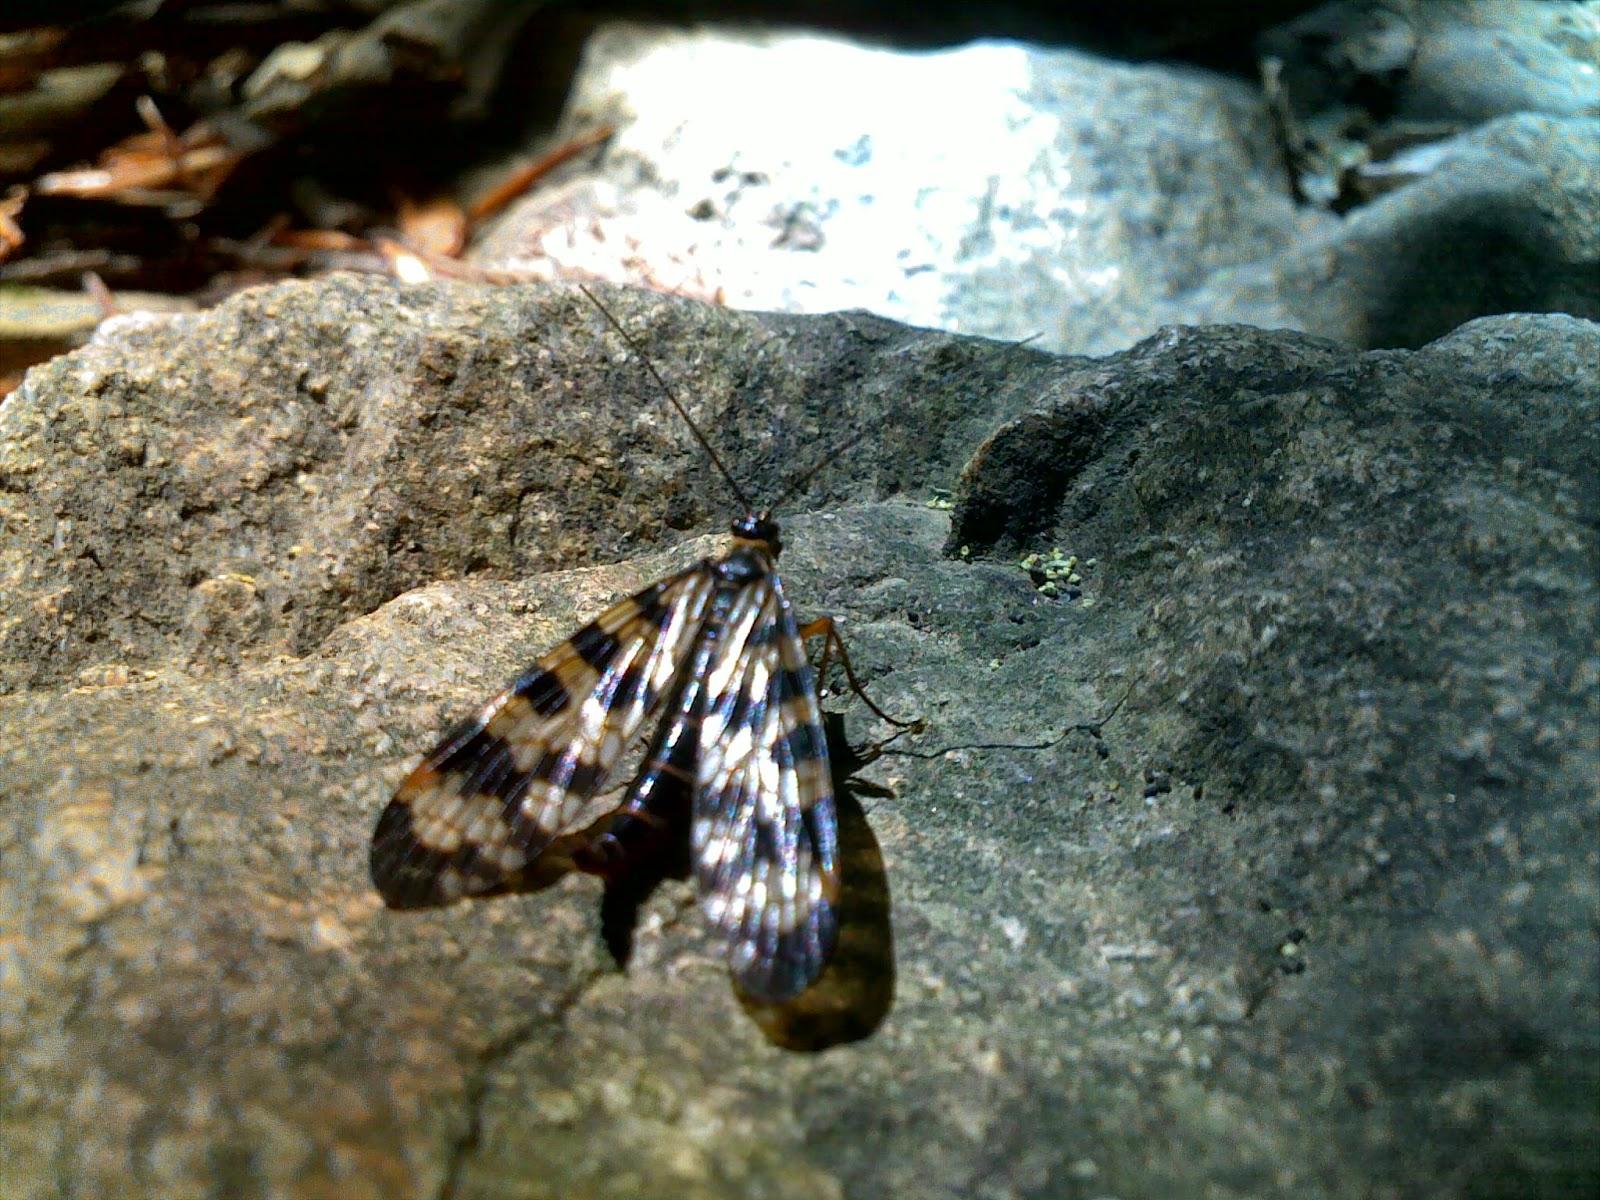 Kelebek Fotoğrafı - Tuba DİK